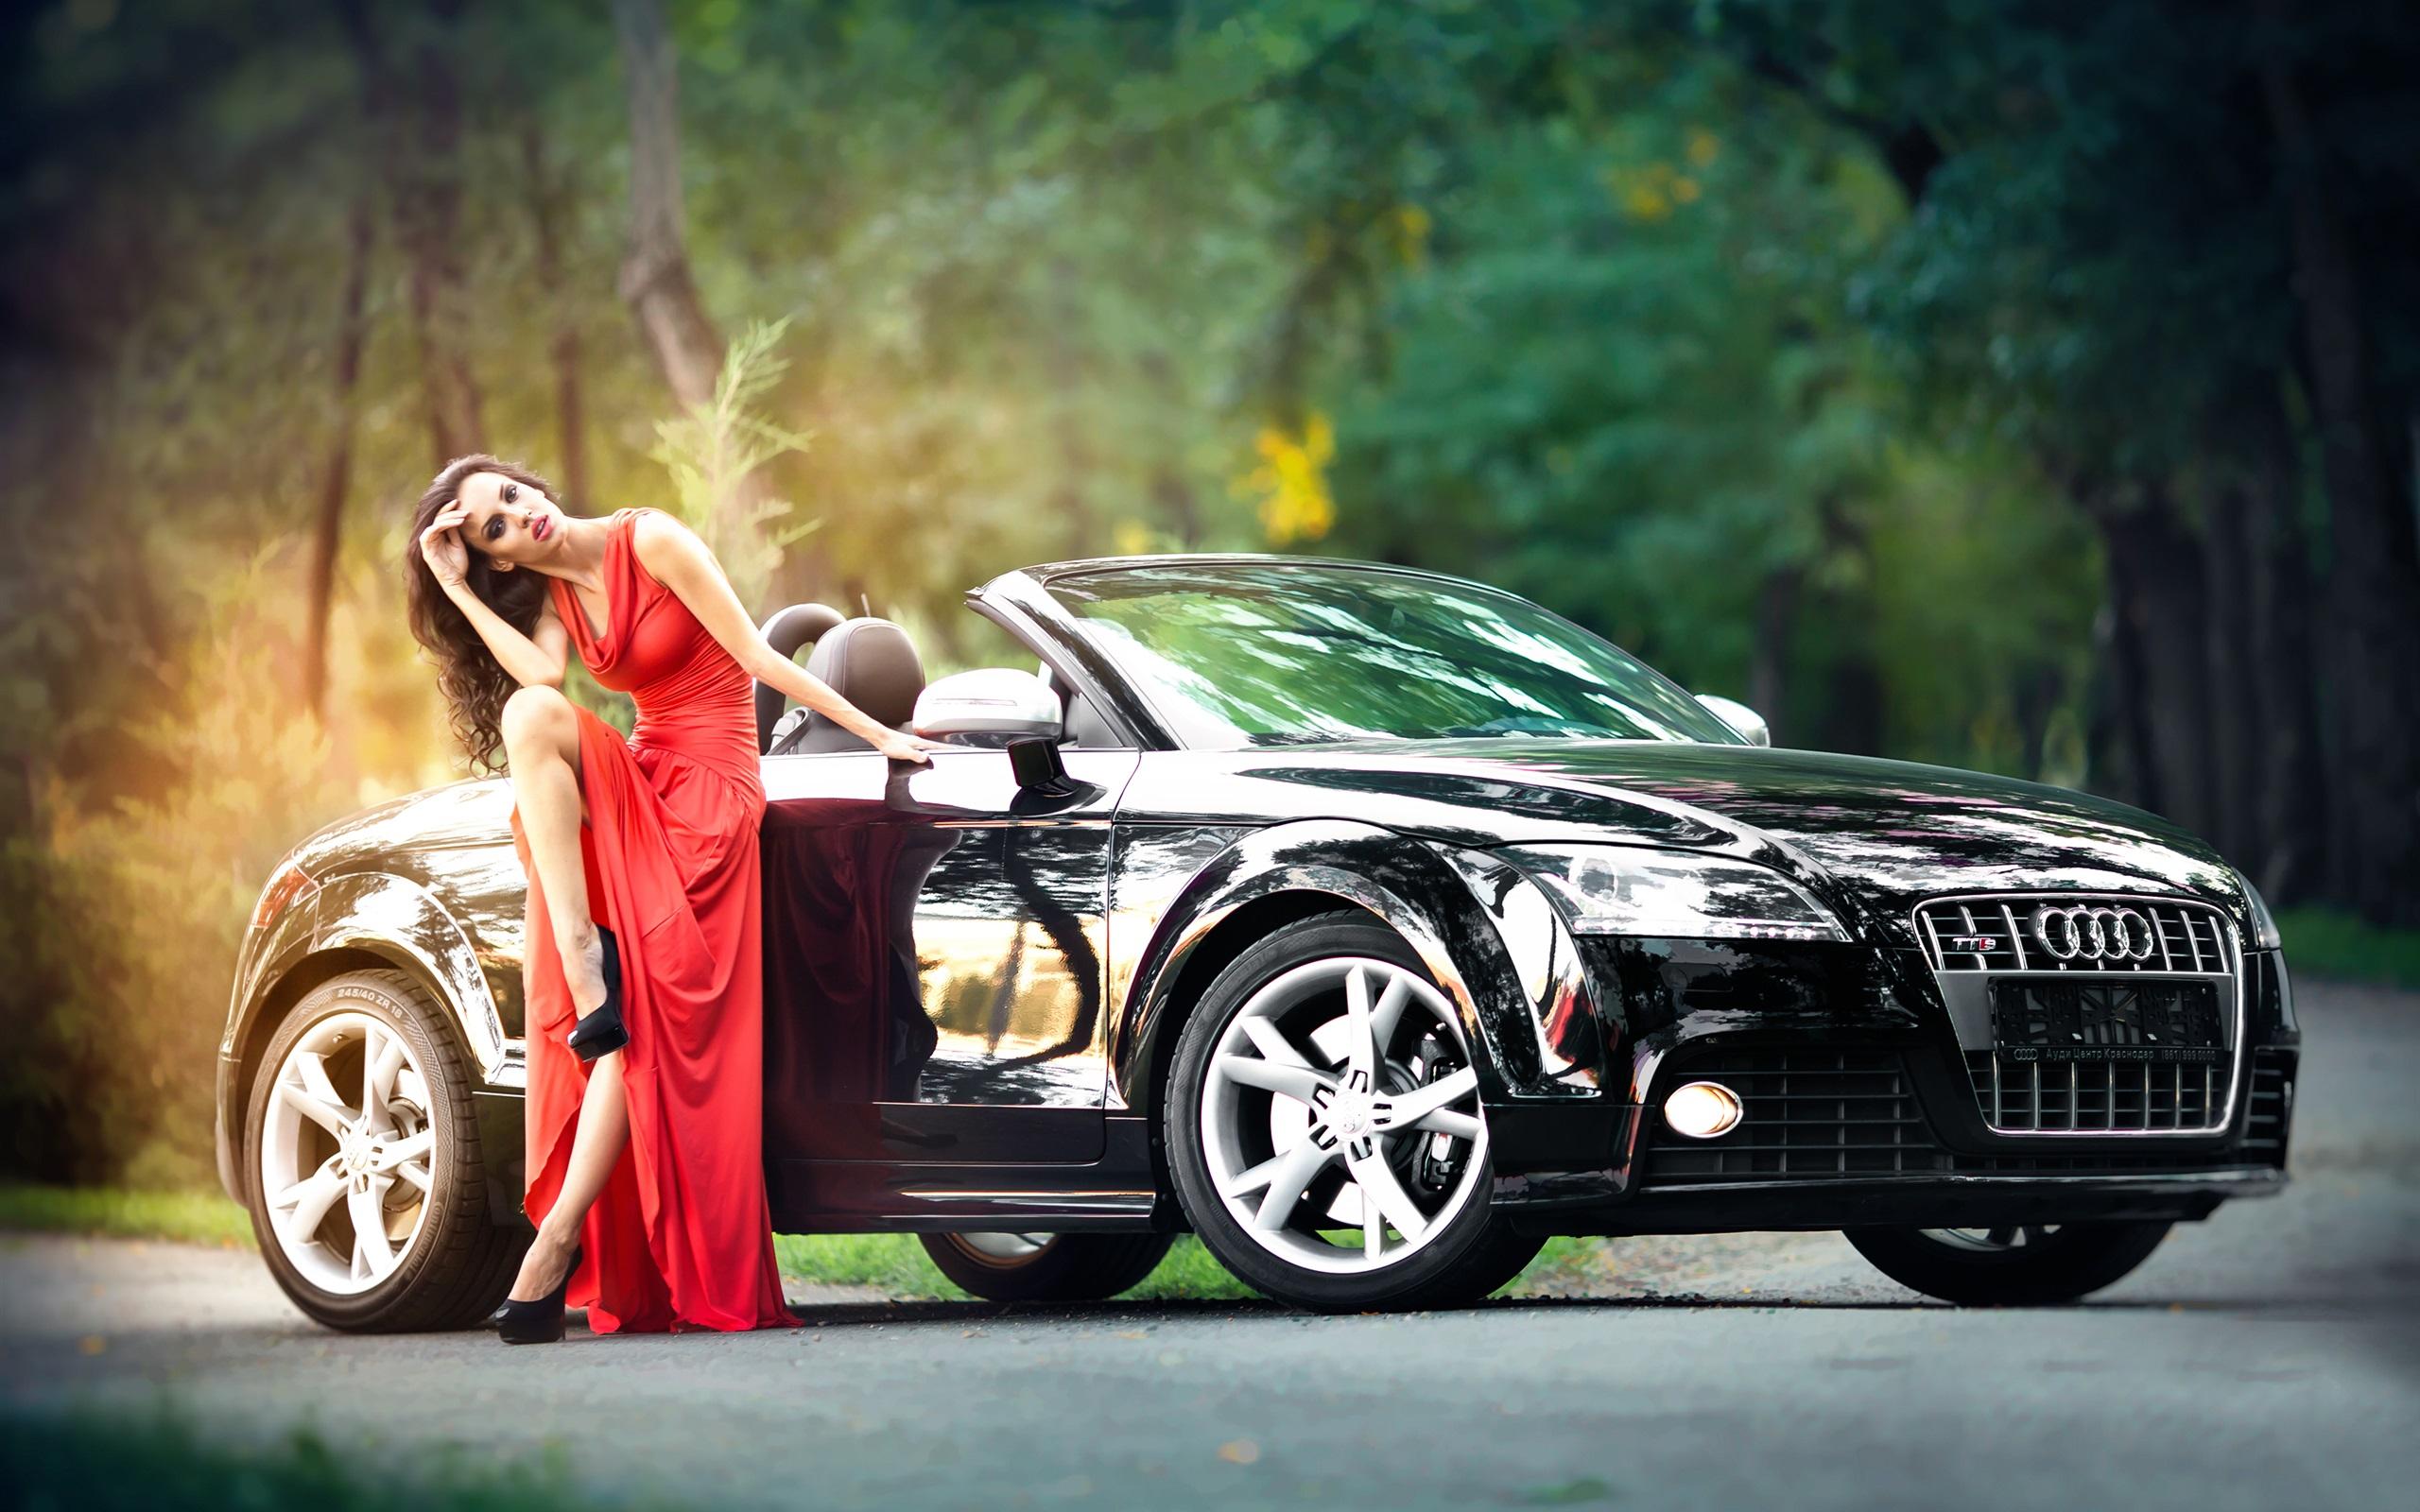 аренда авто для индивидуальной фотосессии